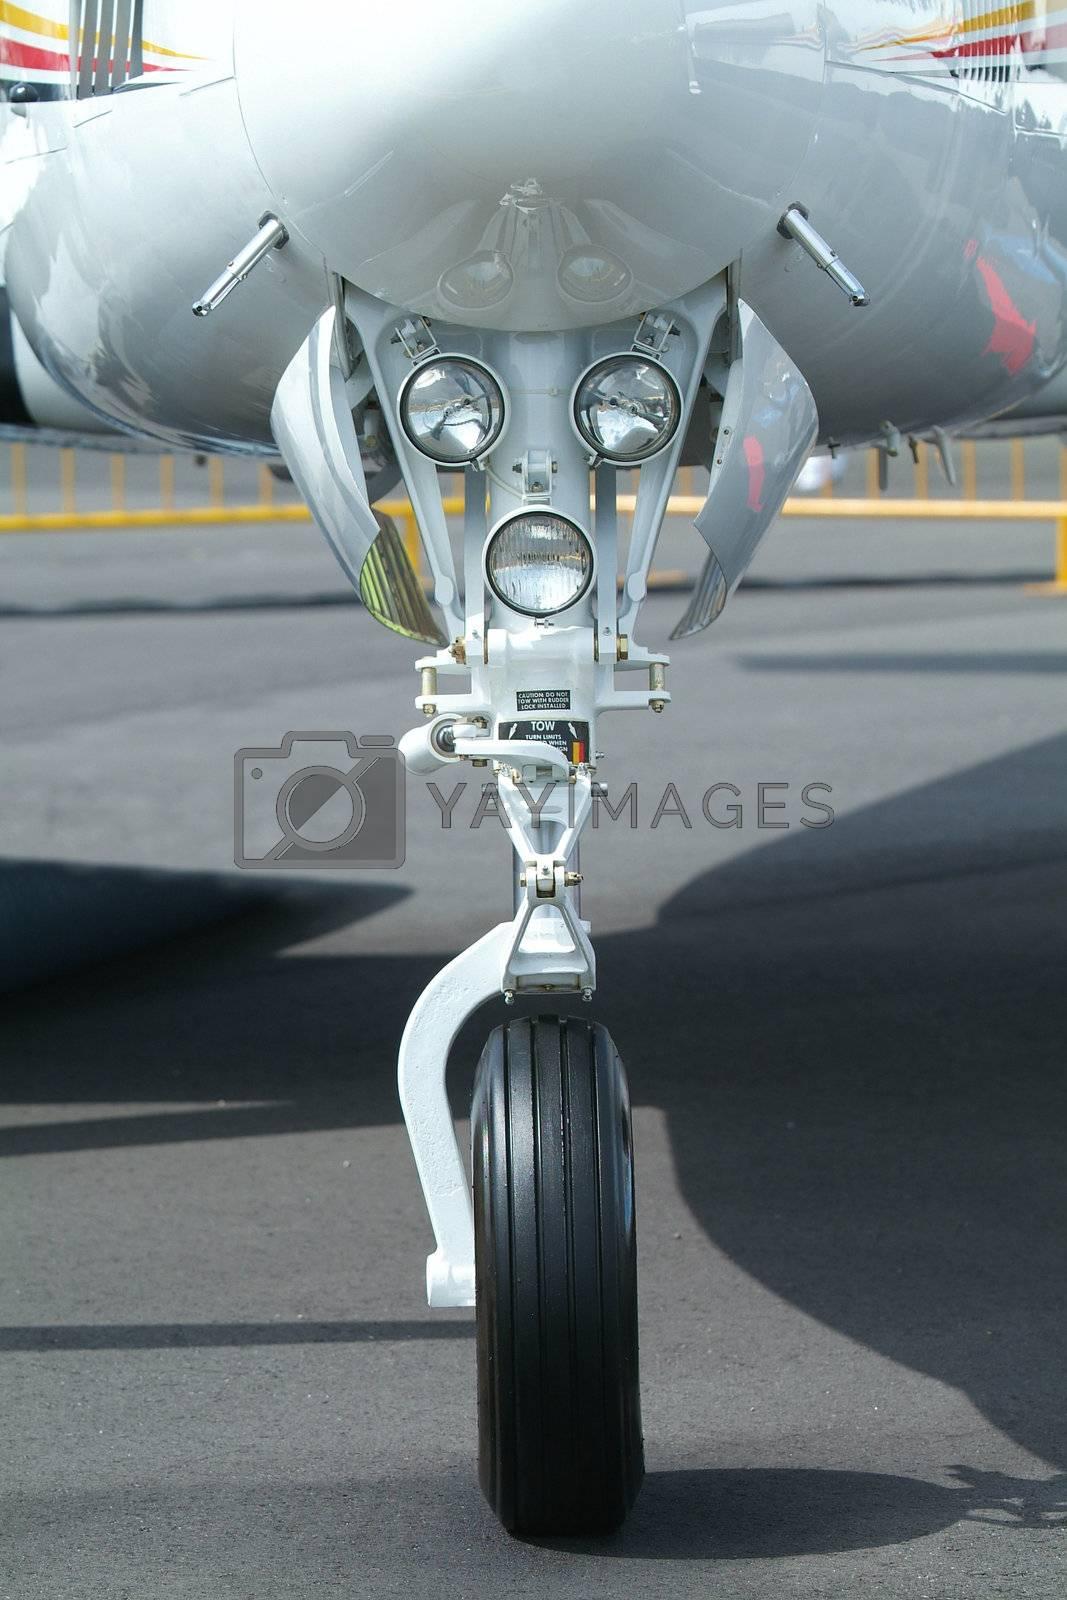 Landing gear of aircraft by epixx